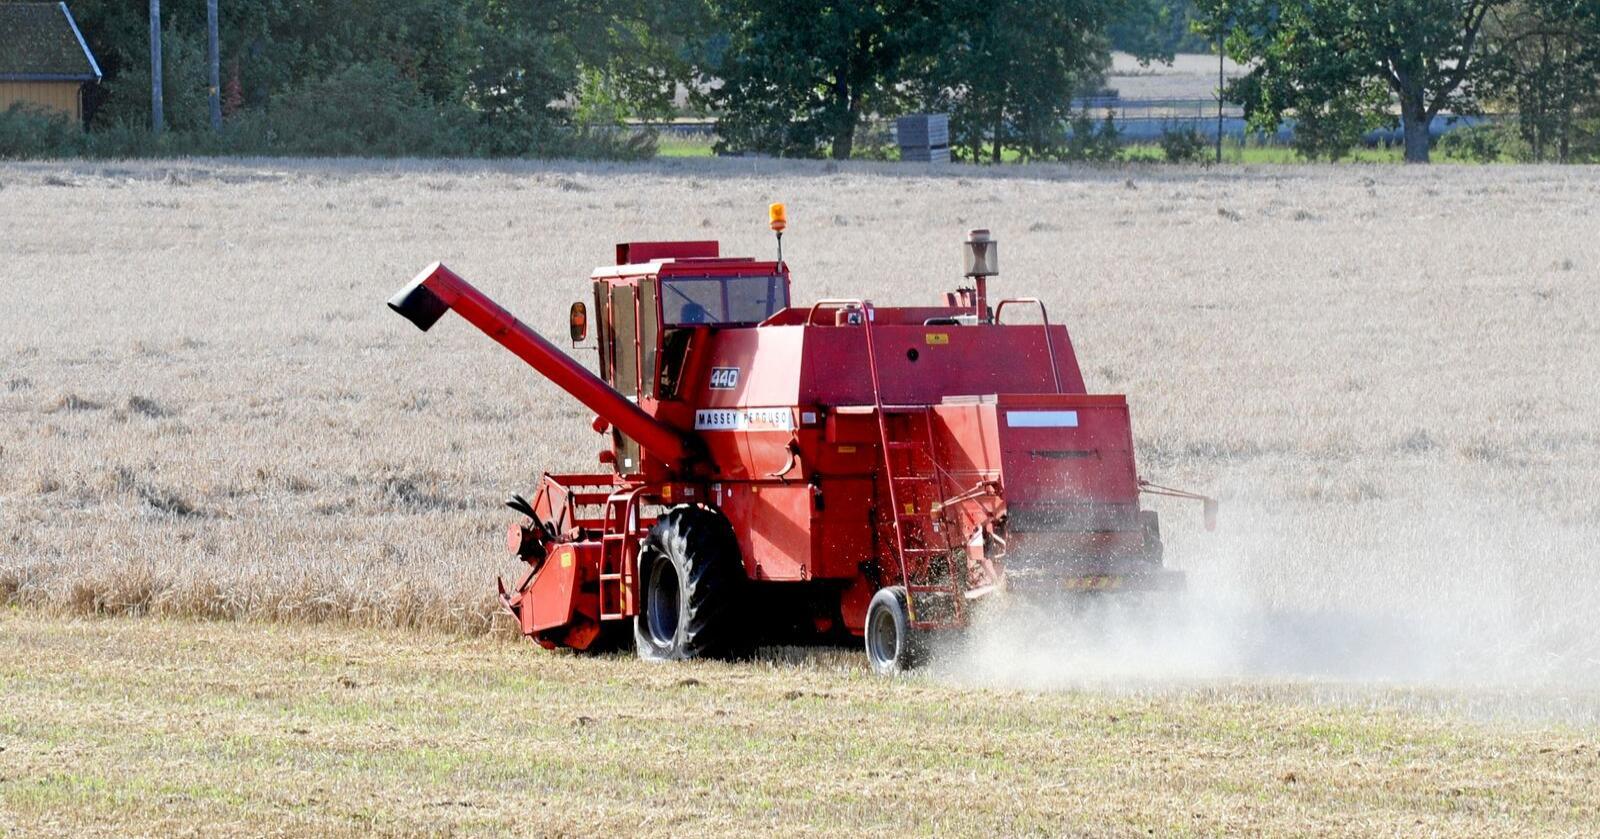 Lønnsomt: Det må bli mer lønnsomt å dyrke korn. Foto: Mariann Tvete